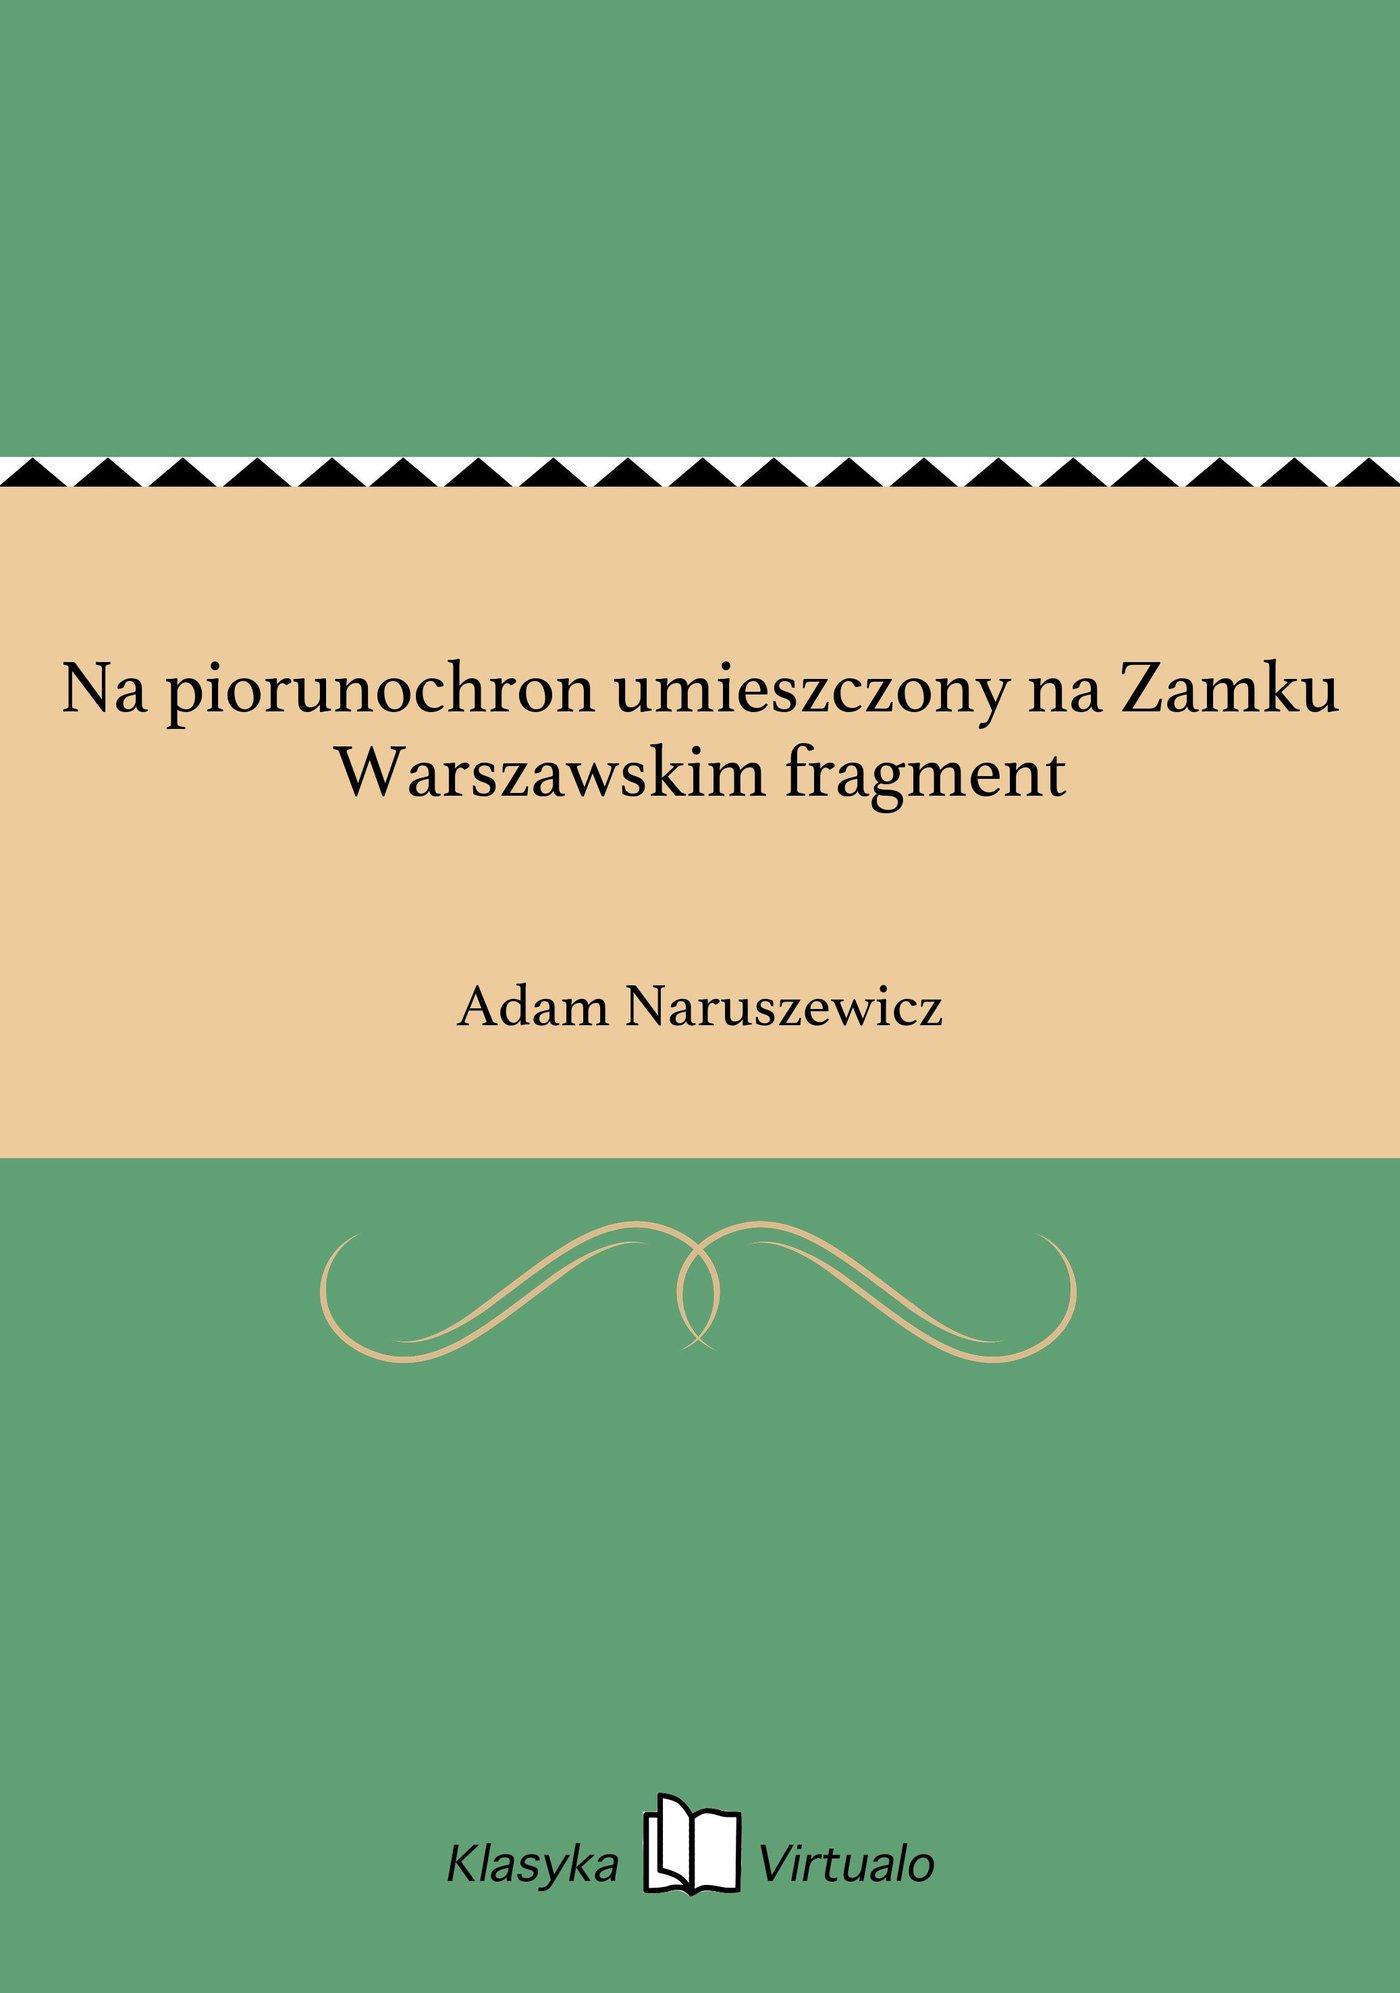 Na piorunochron umieszczony na Zamku Warszawskim fragment - Ebook (Książka EPUB) do pobrania w formacie EPUB